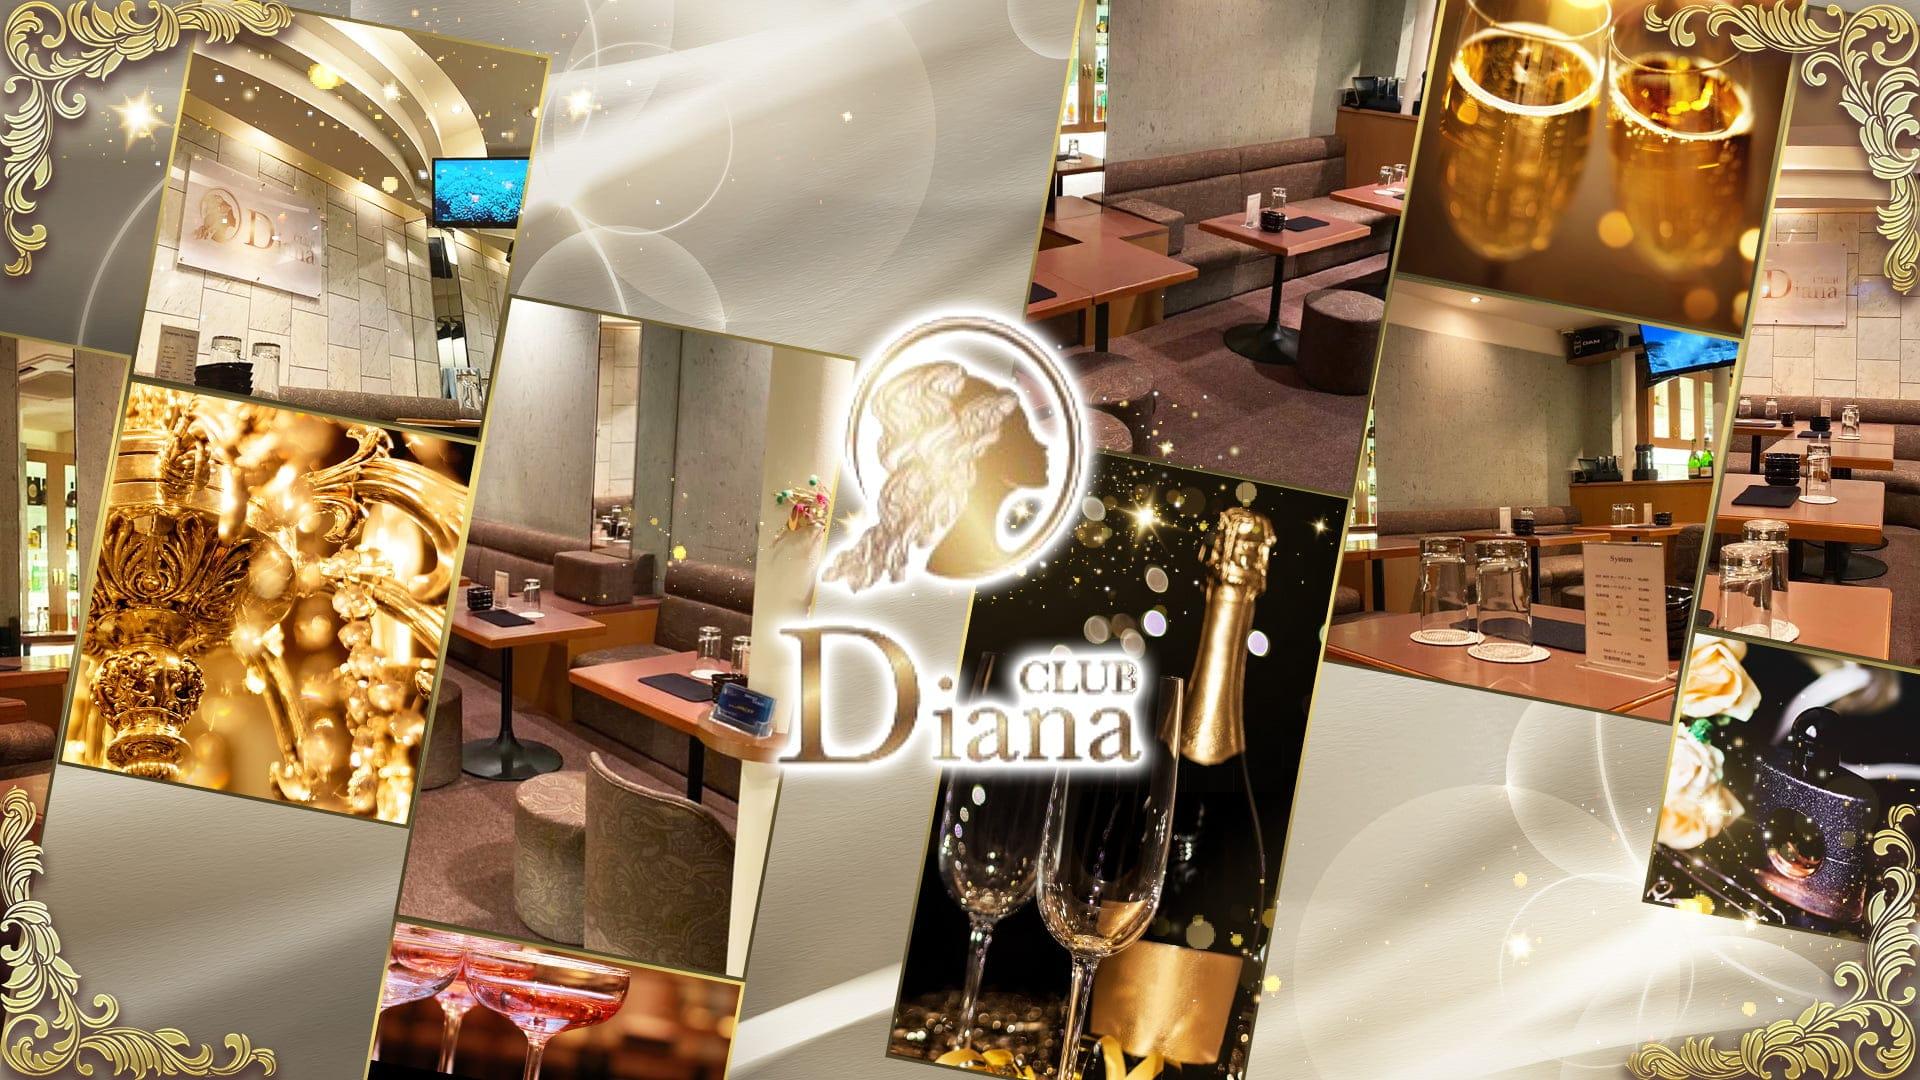 Diana(ディアナ)【公式求人・体入情報】 上野スナック TOP画像